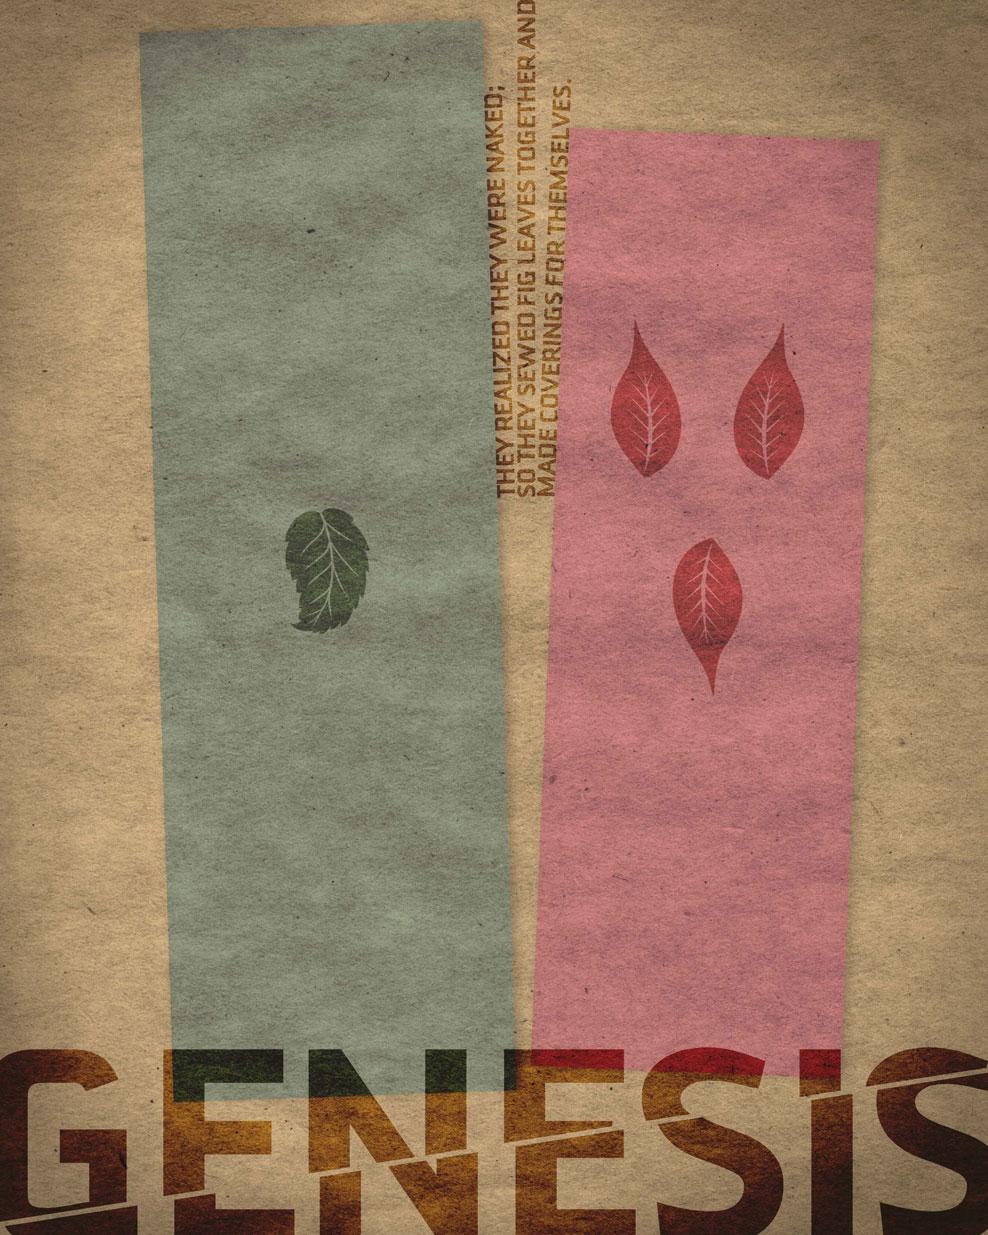 Word-8x10_01-Genesis-01_988.jpg